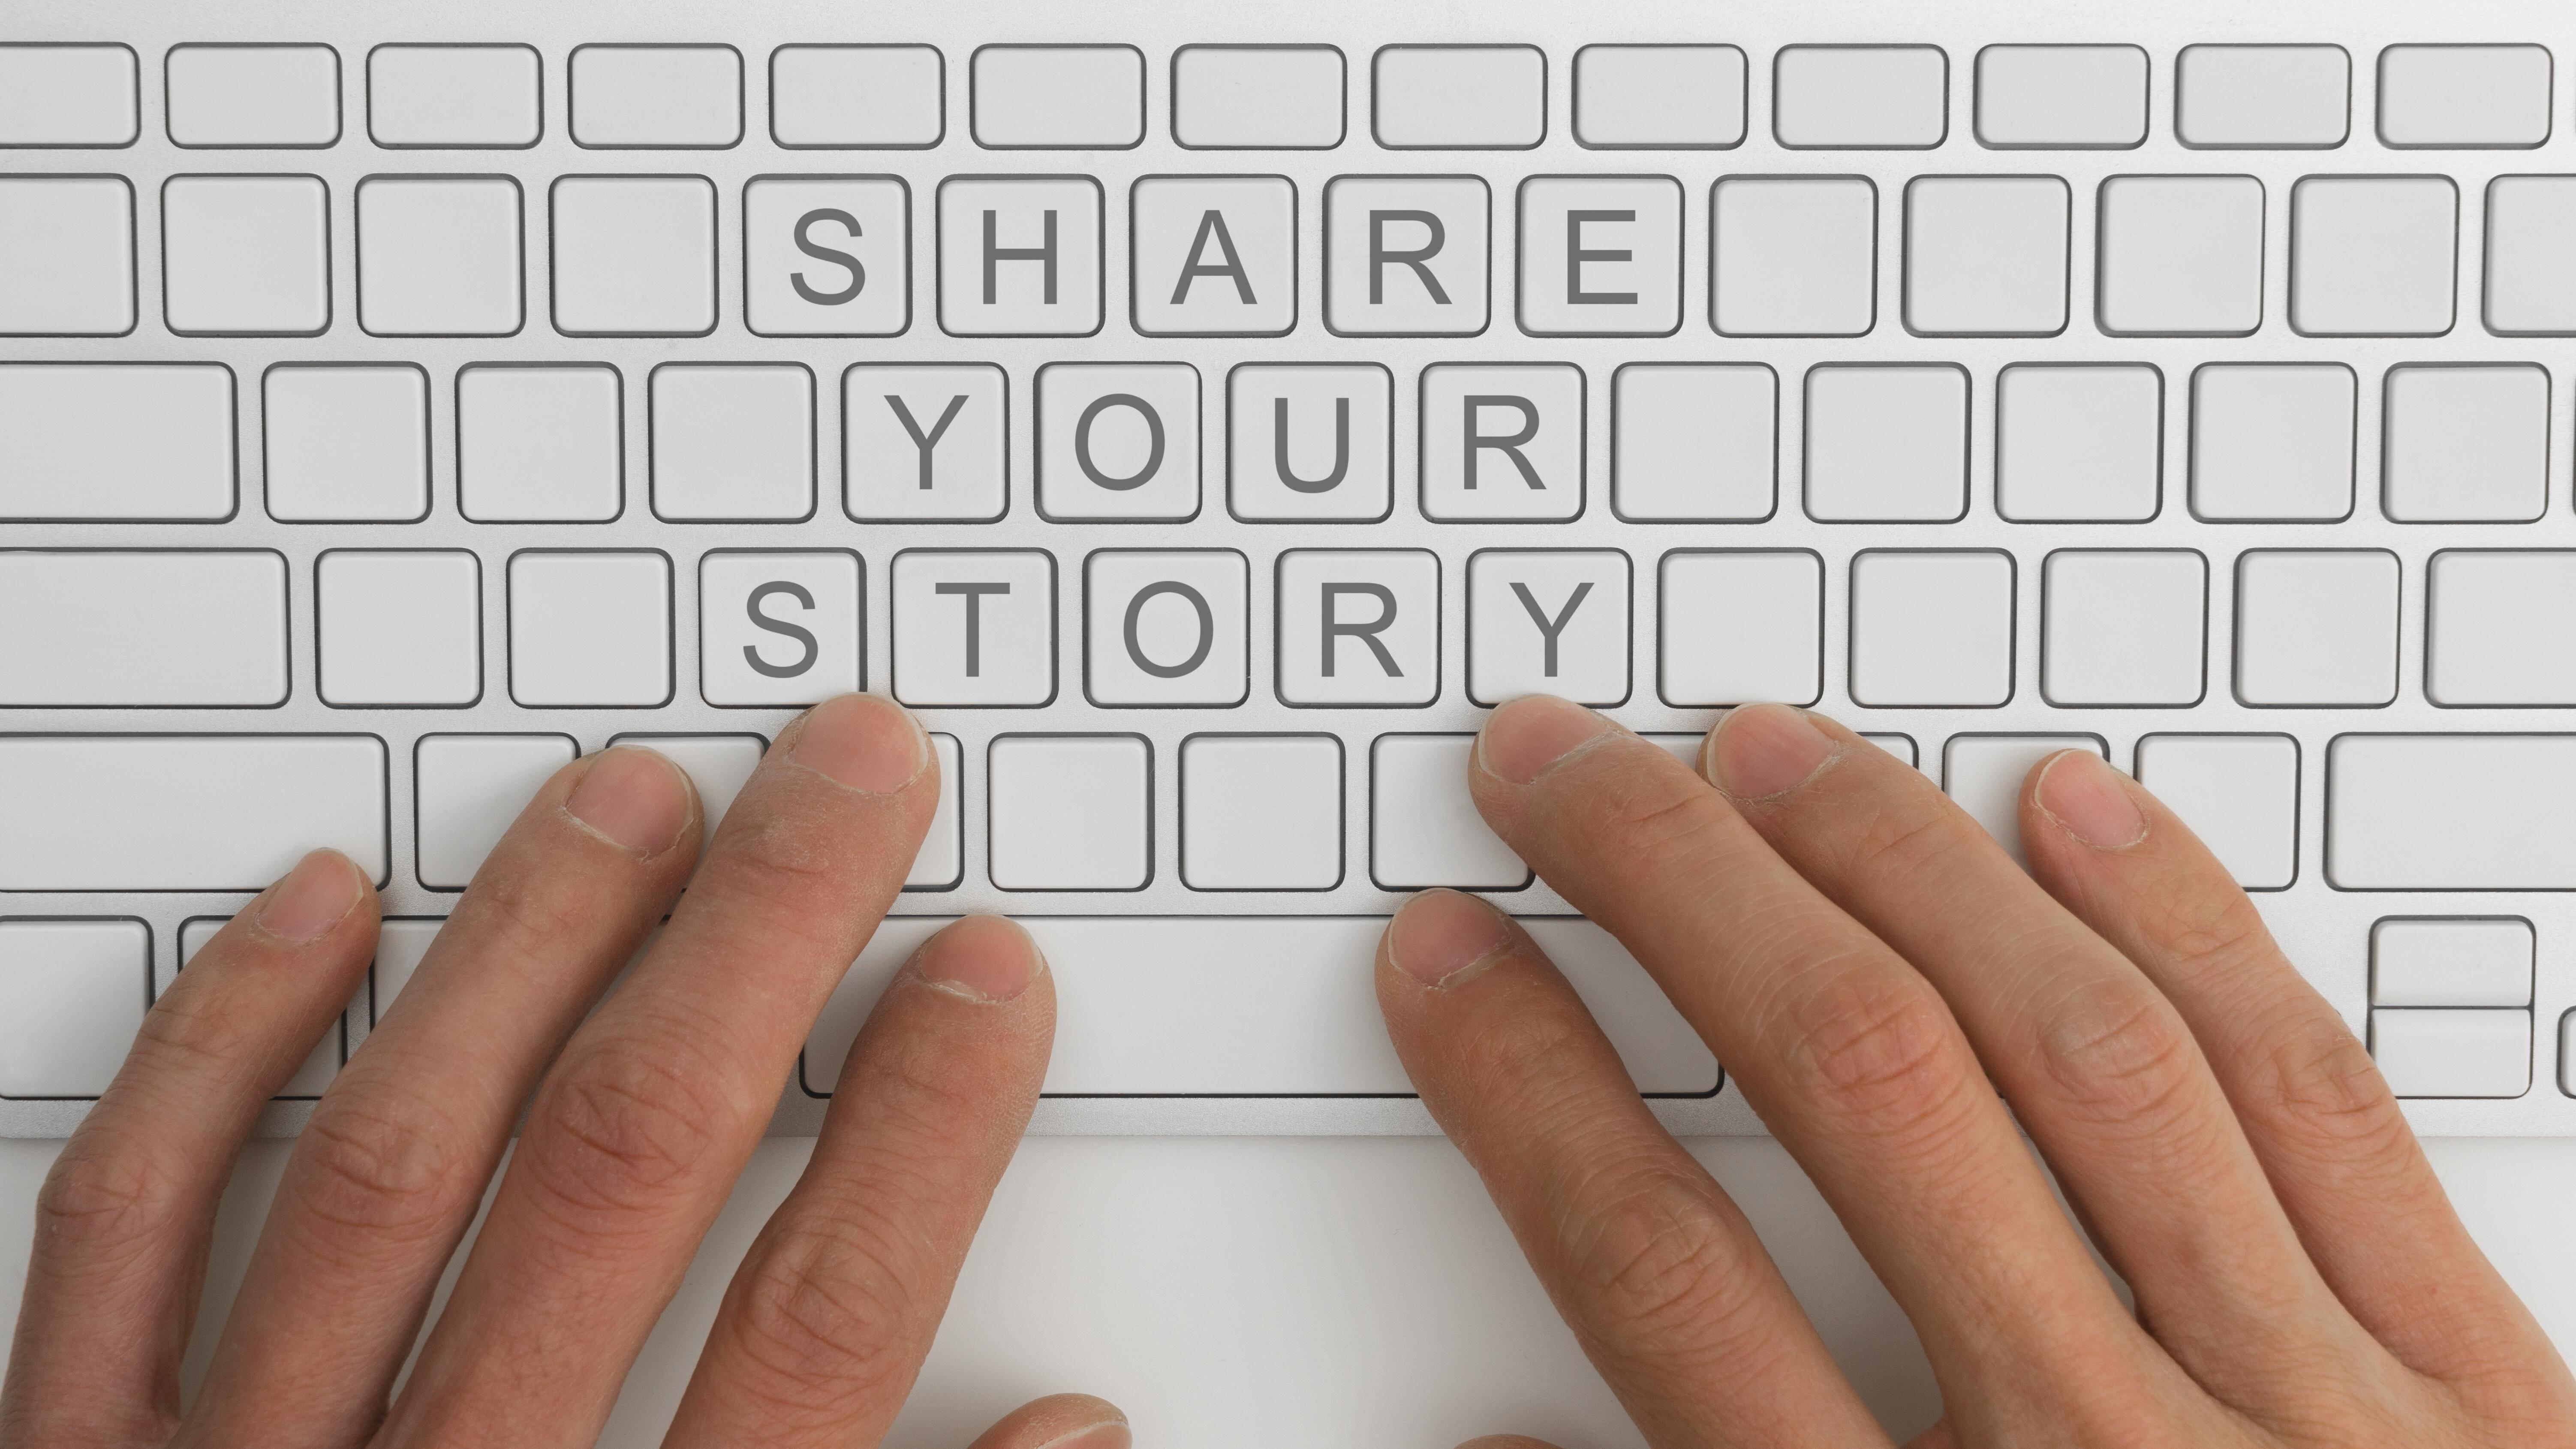 Eigene Geschichten schreiben: Die besten Apps für Hobby-Autoren